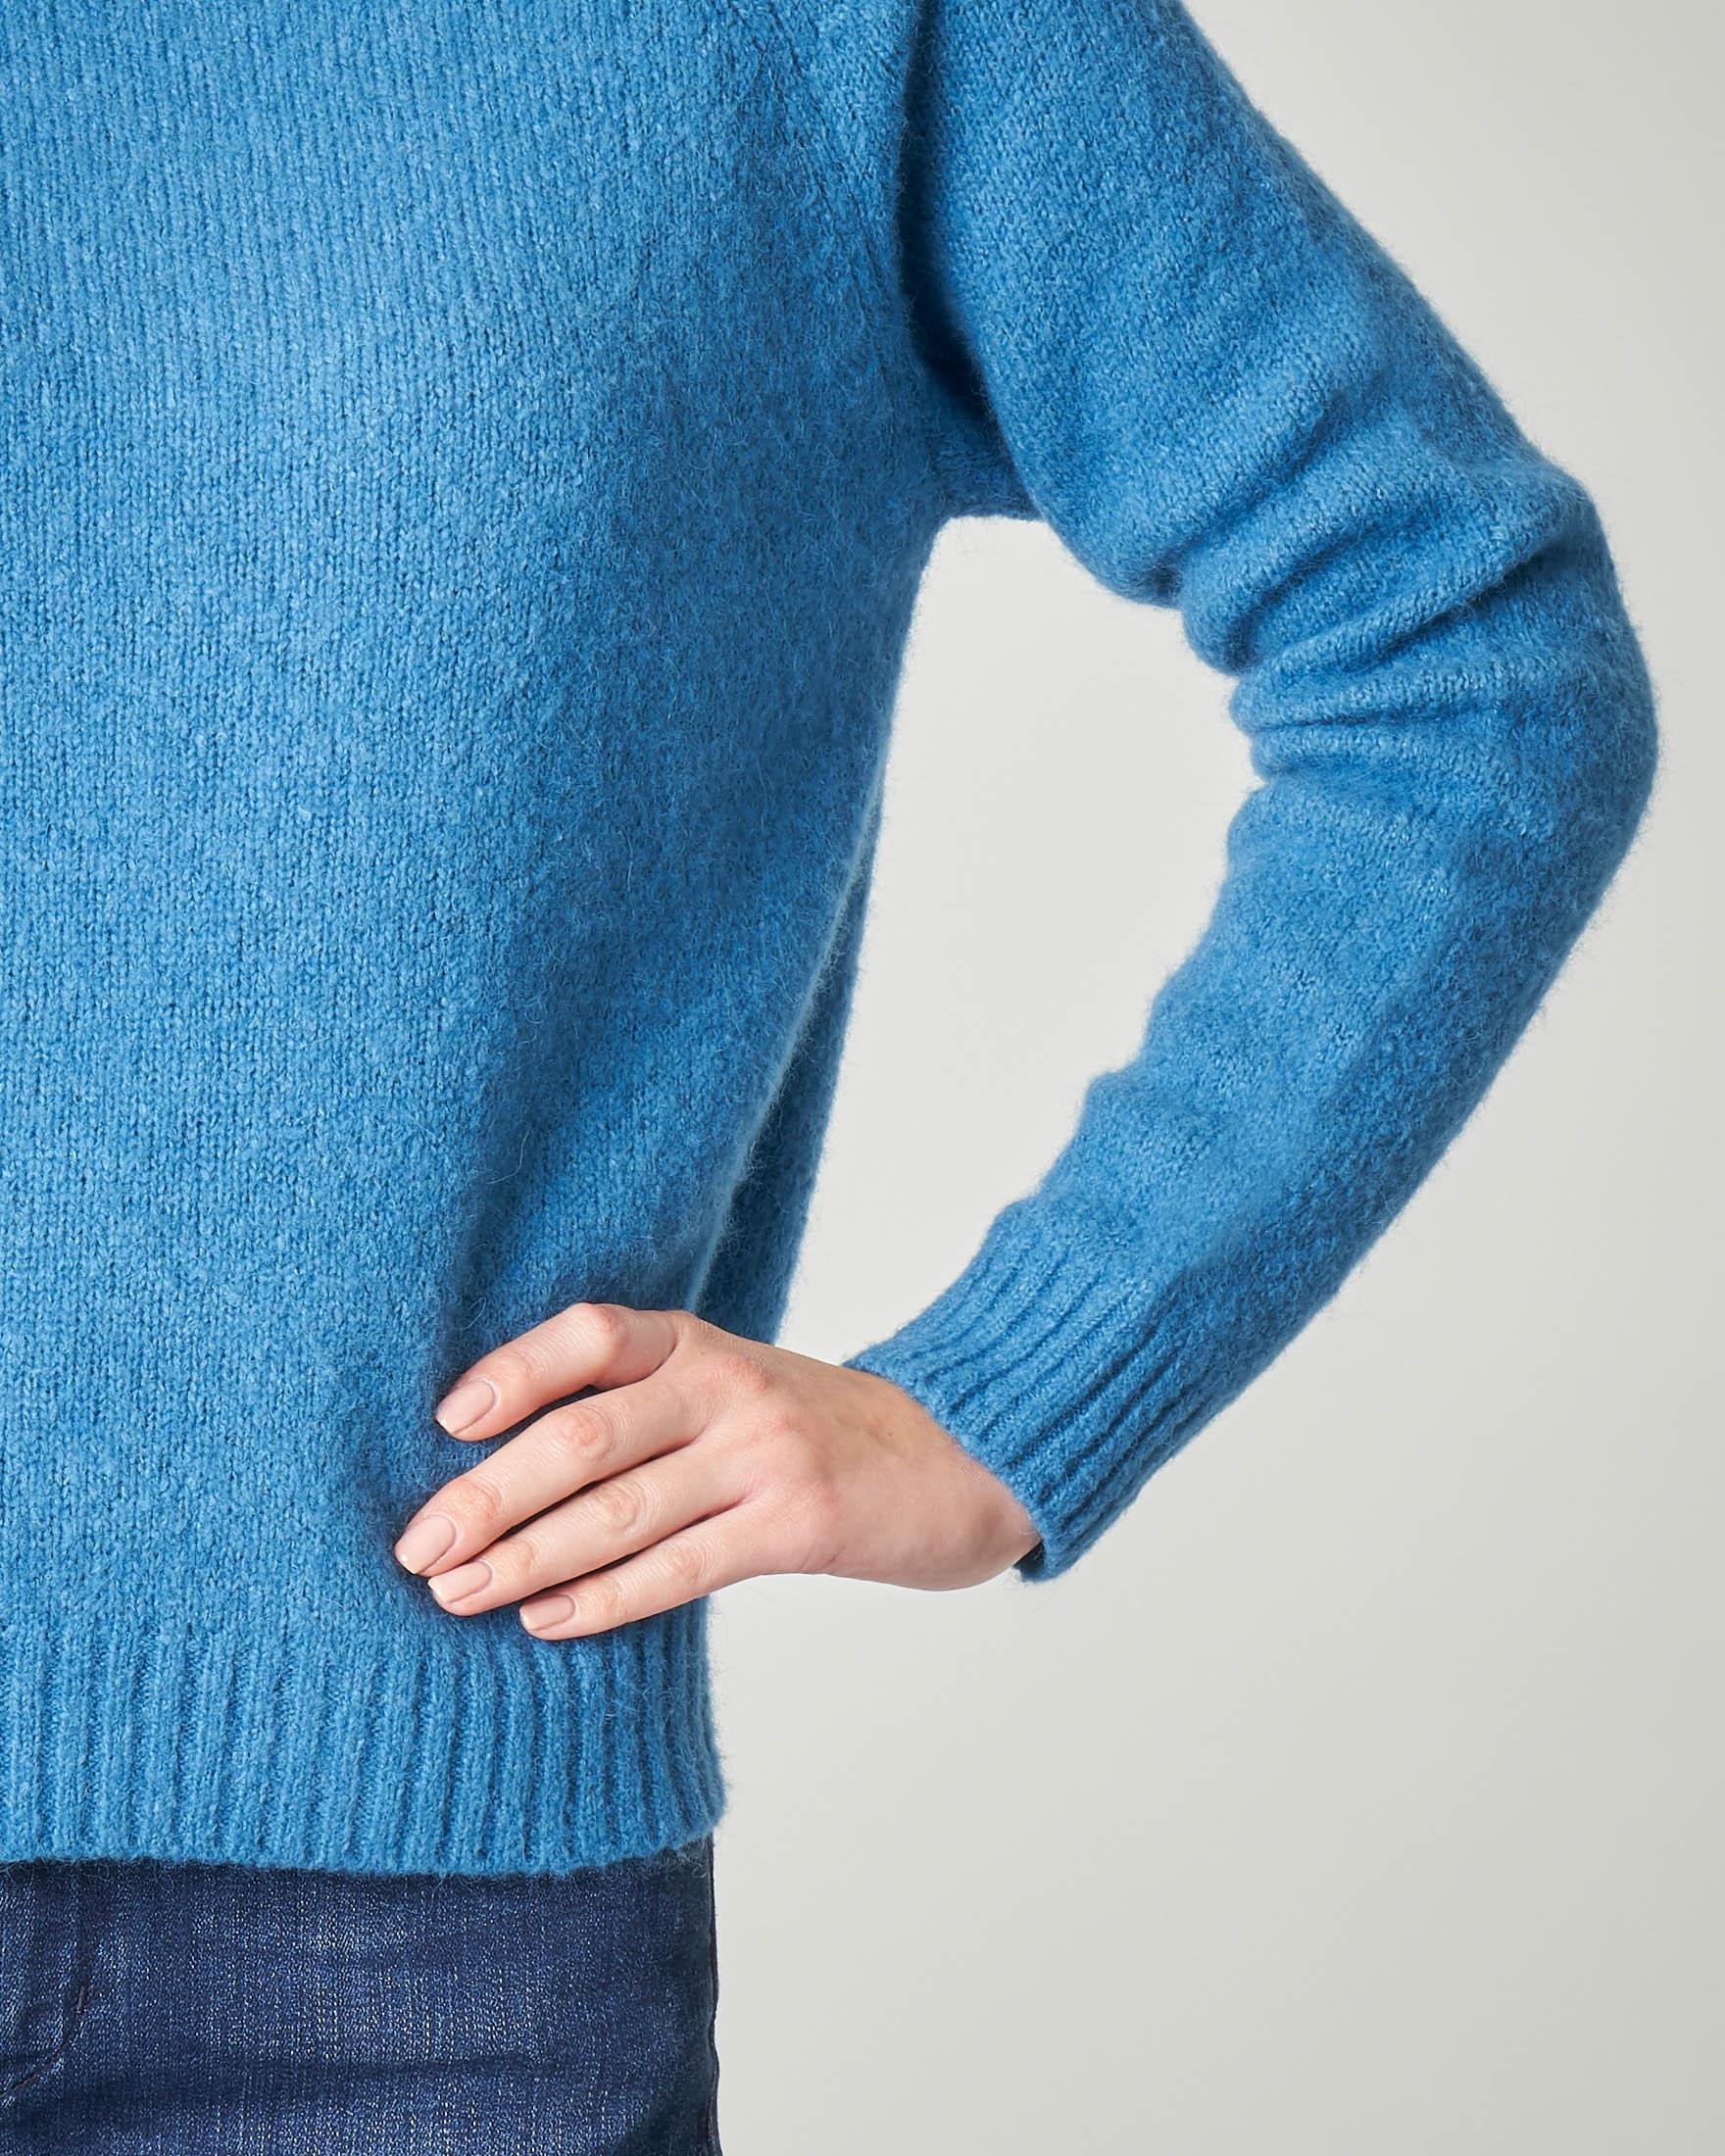 Maglia girocollo color avio in maglia rasata misto alpaca